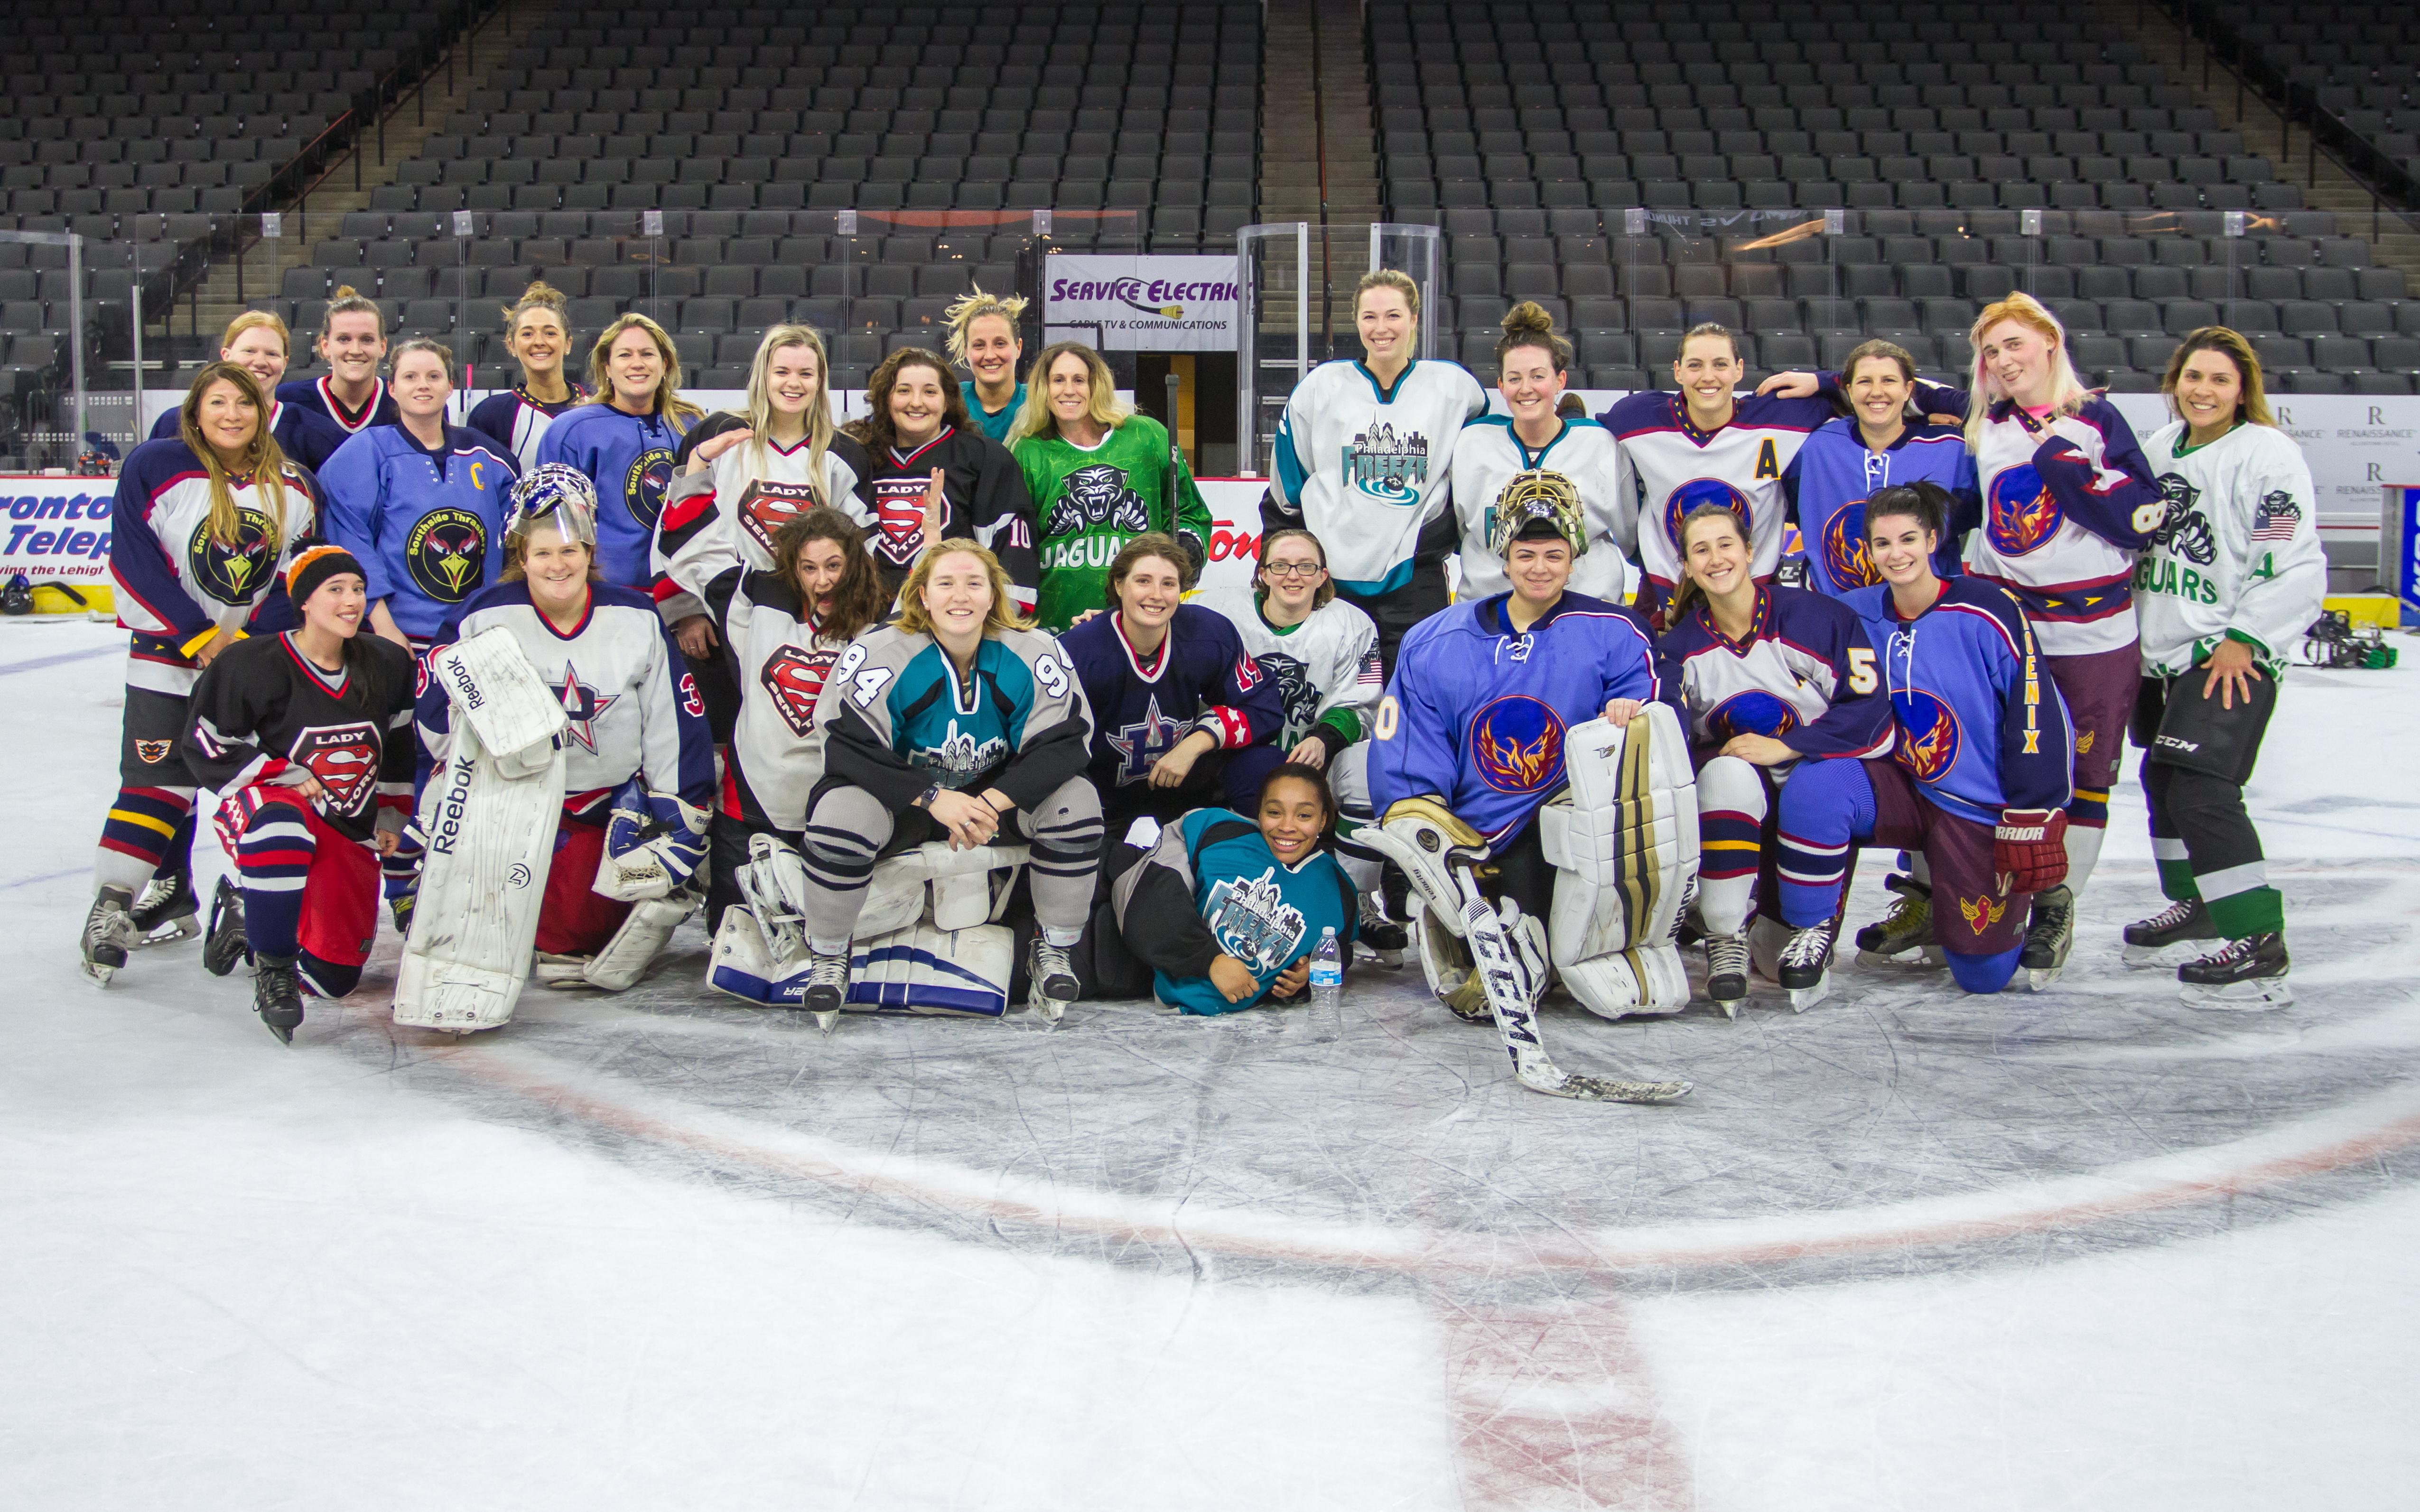 2019 UWHL Winter Classic - D1/D2 All-Stars